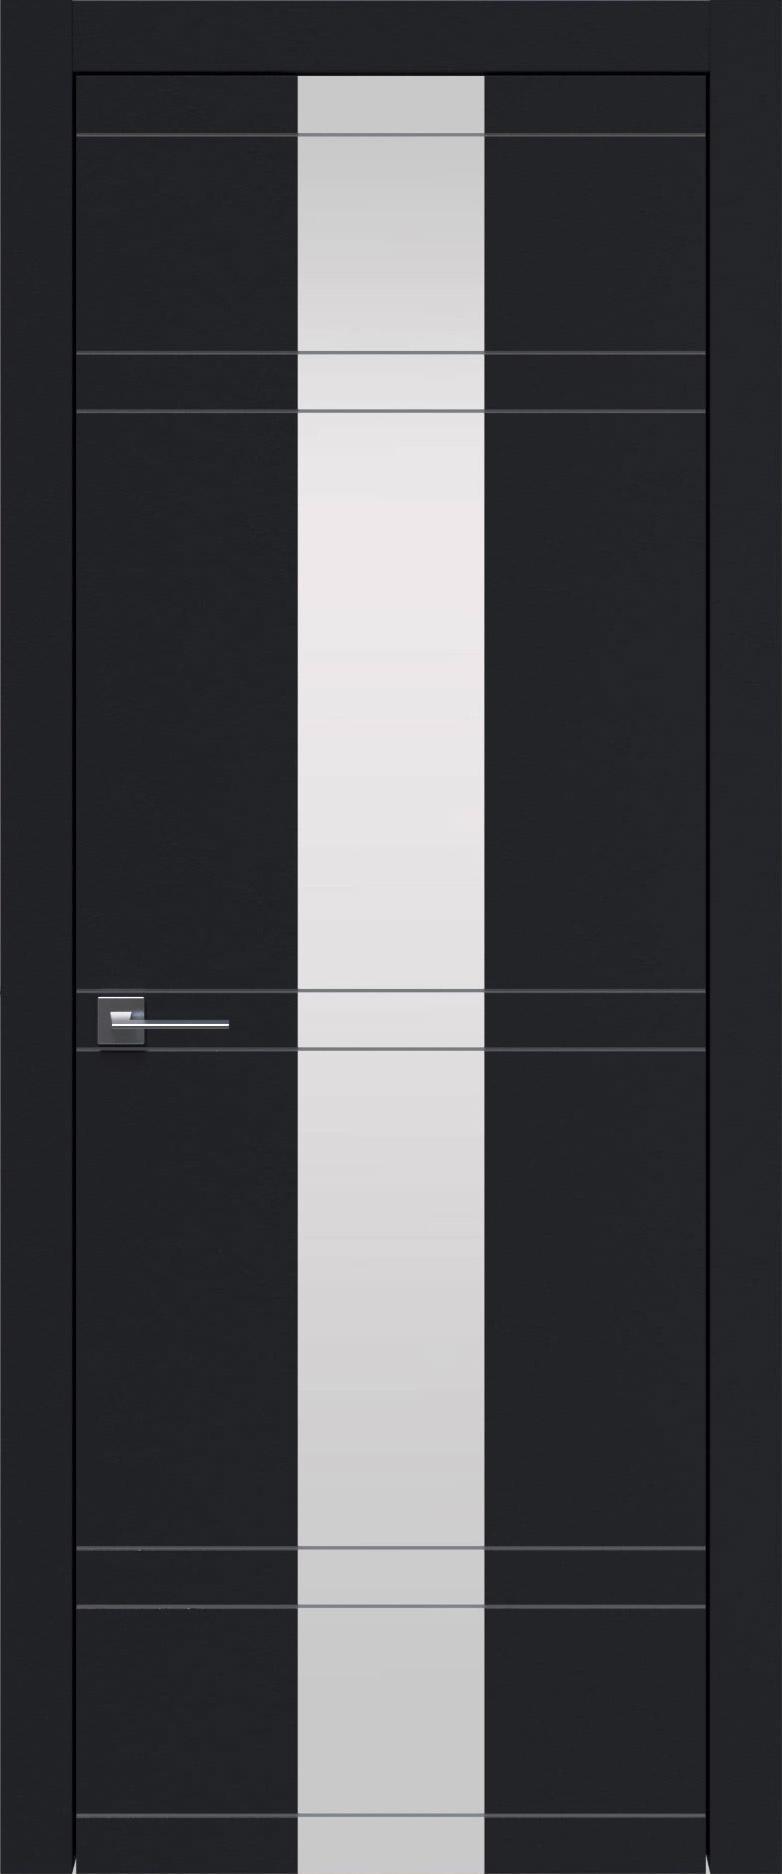 Tivoli Ж-4 цвет - Черная эмаль (RAL 9004) Со стеклом (ДО)